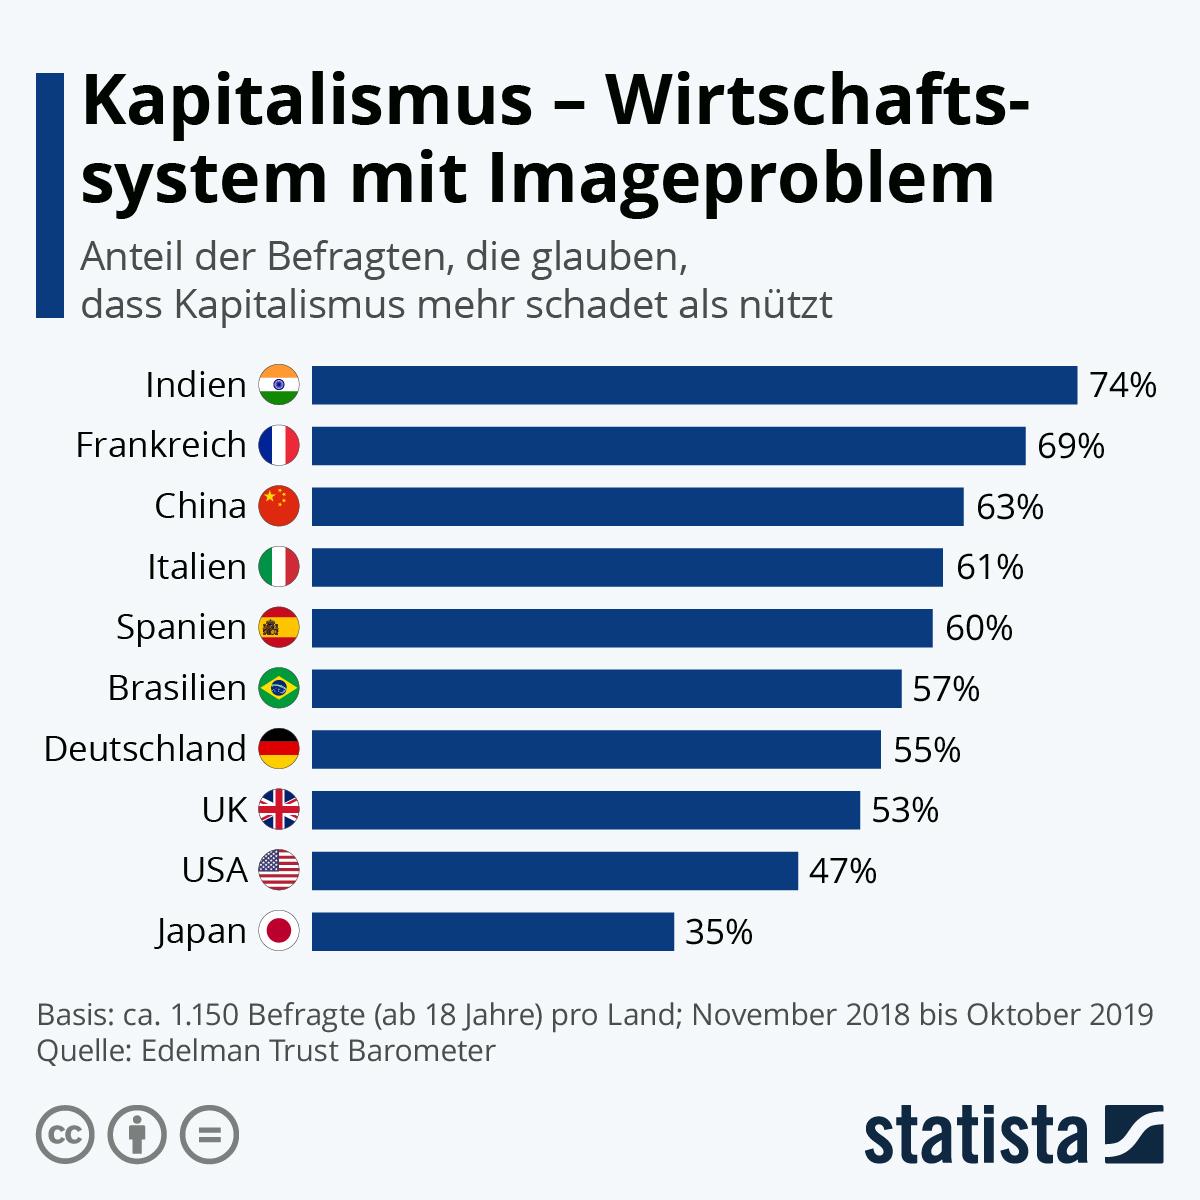 Infografik: Kapitalismus - Wirtschaftssystem mit Imageproblem | Statista